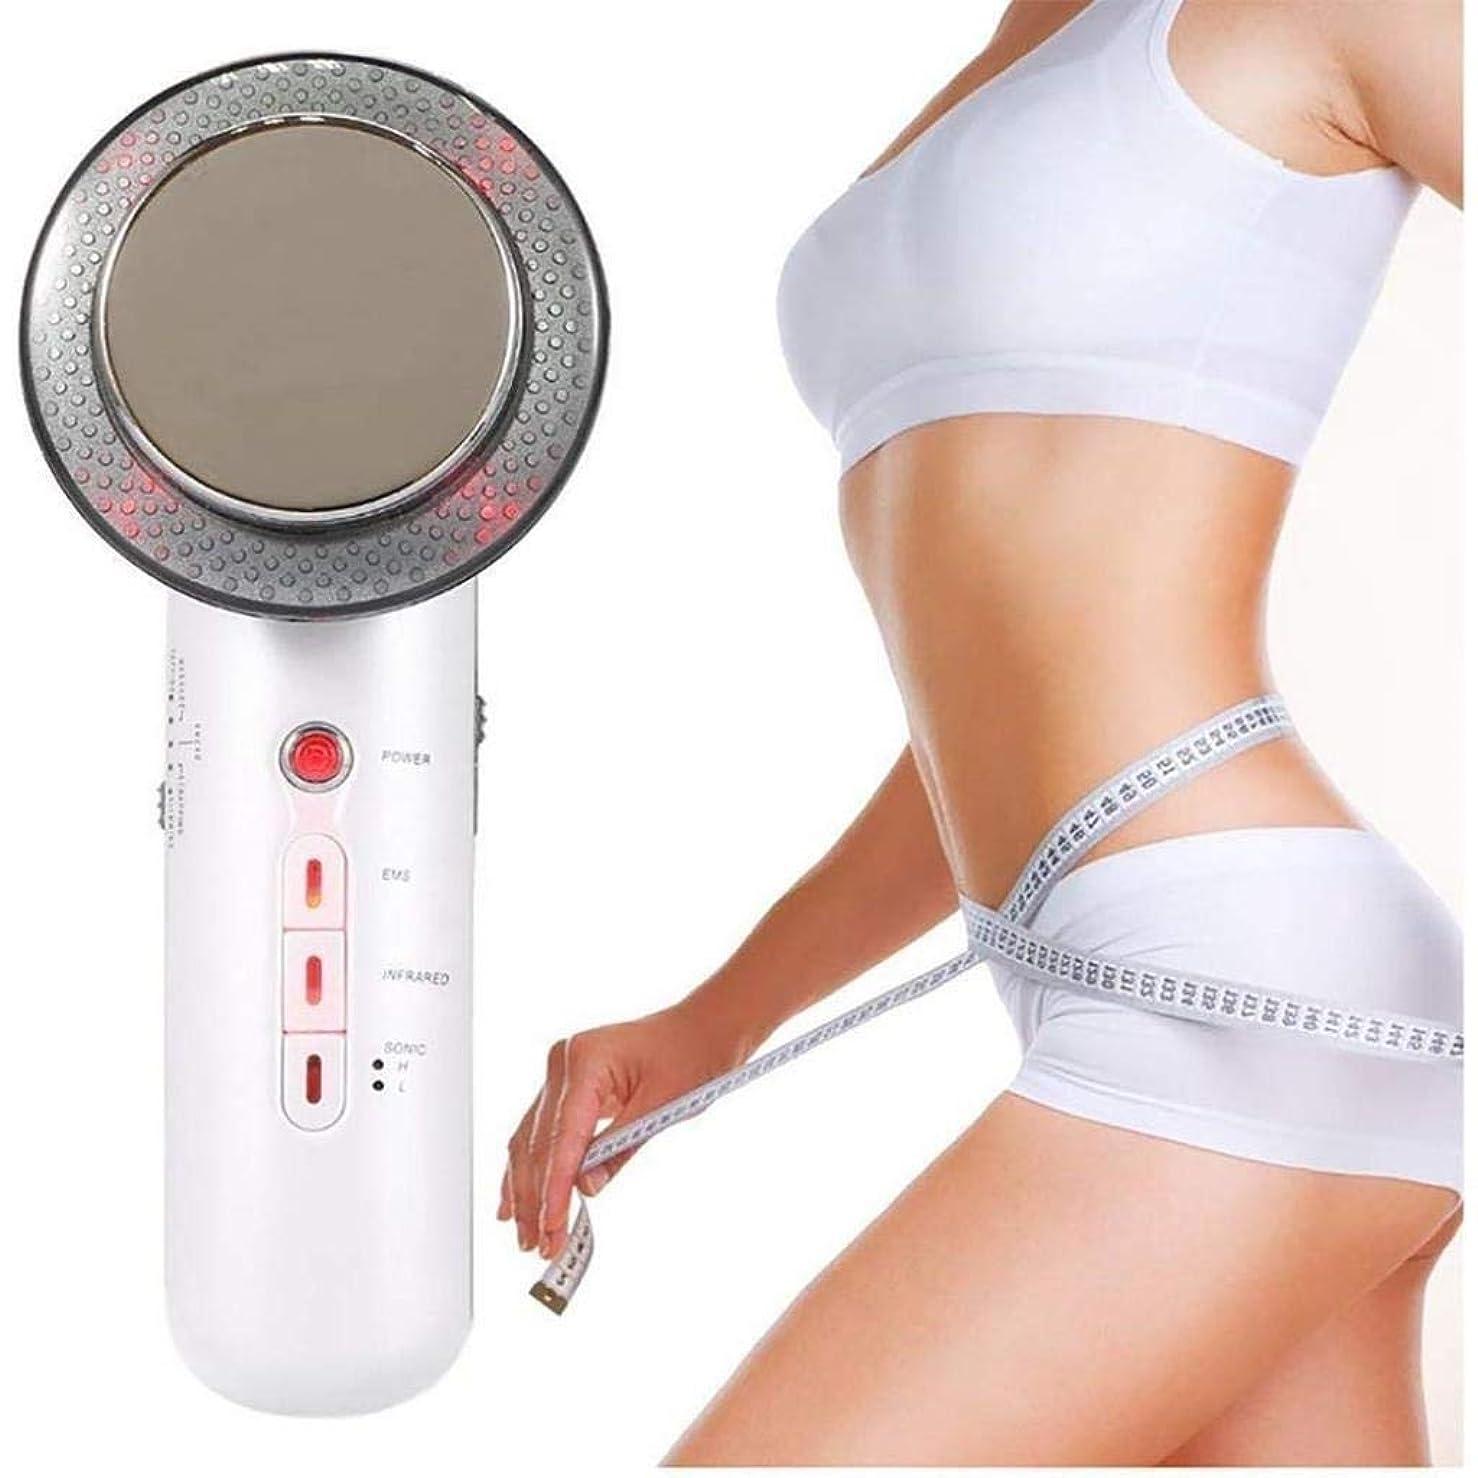 暗くする自己尊重巡礼者EMSの赤外線ライト振動と超音波セルライトの脂肪質の取り外しのマッサージャーの腹減量